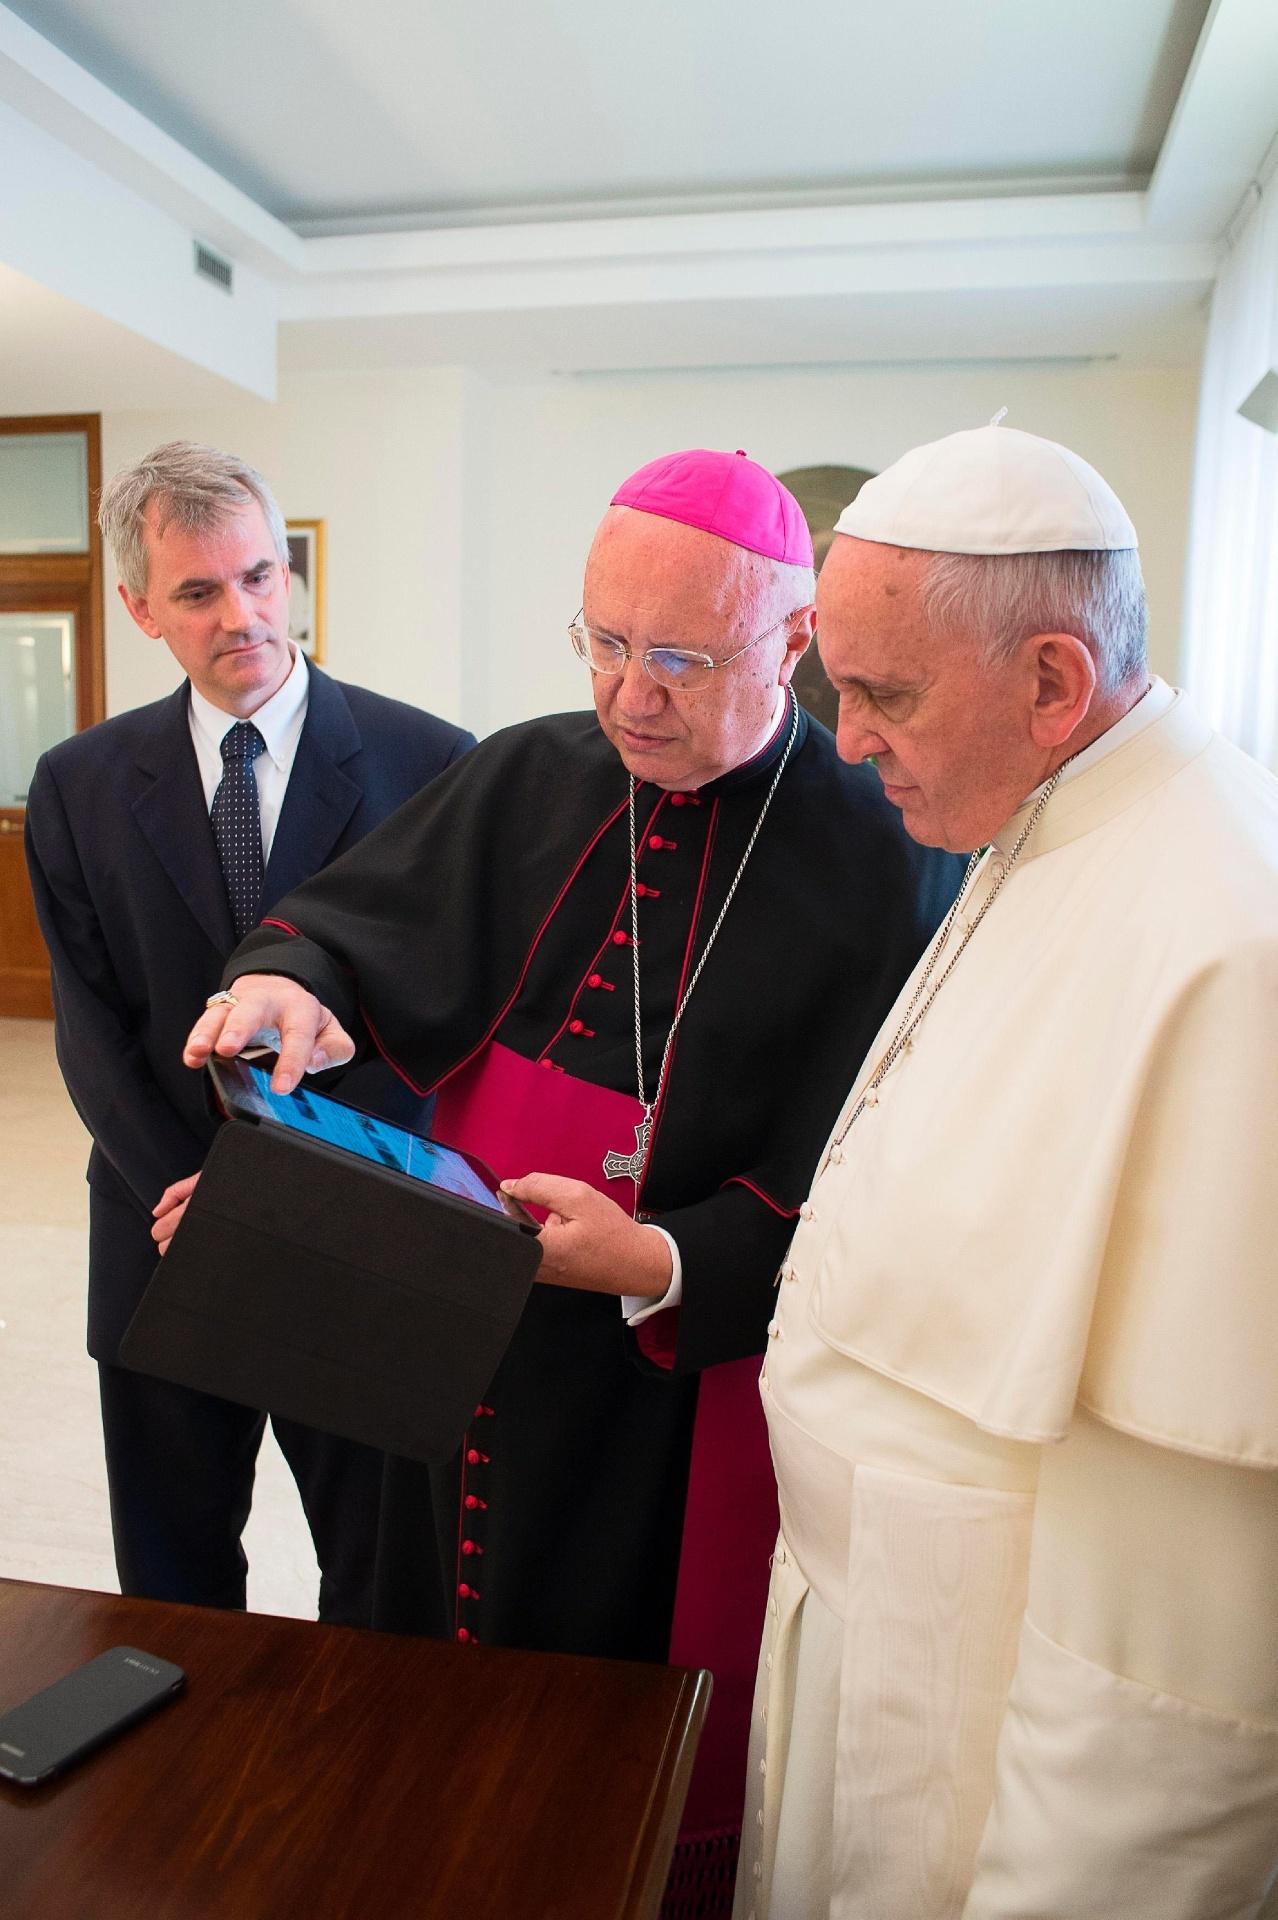 7.jul.2014 - Papa Francisco observa notícia em tablet com o arcebispo Claudio Maria Celli), presidente do Conselho Pontifício para as Comunicações Sociais, durante reunião no Vaticano, nesta segunda-feira (7)